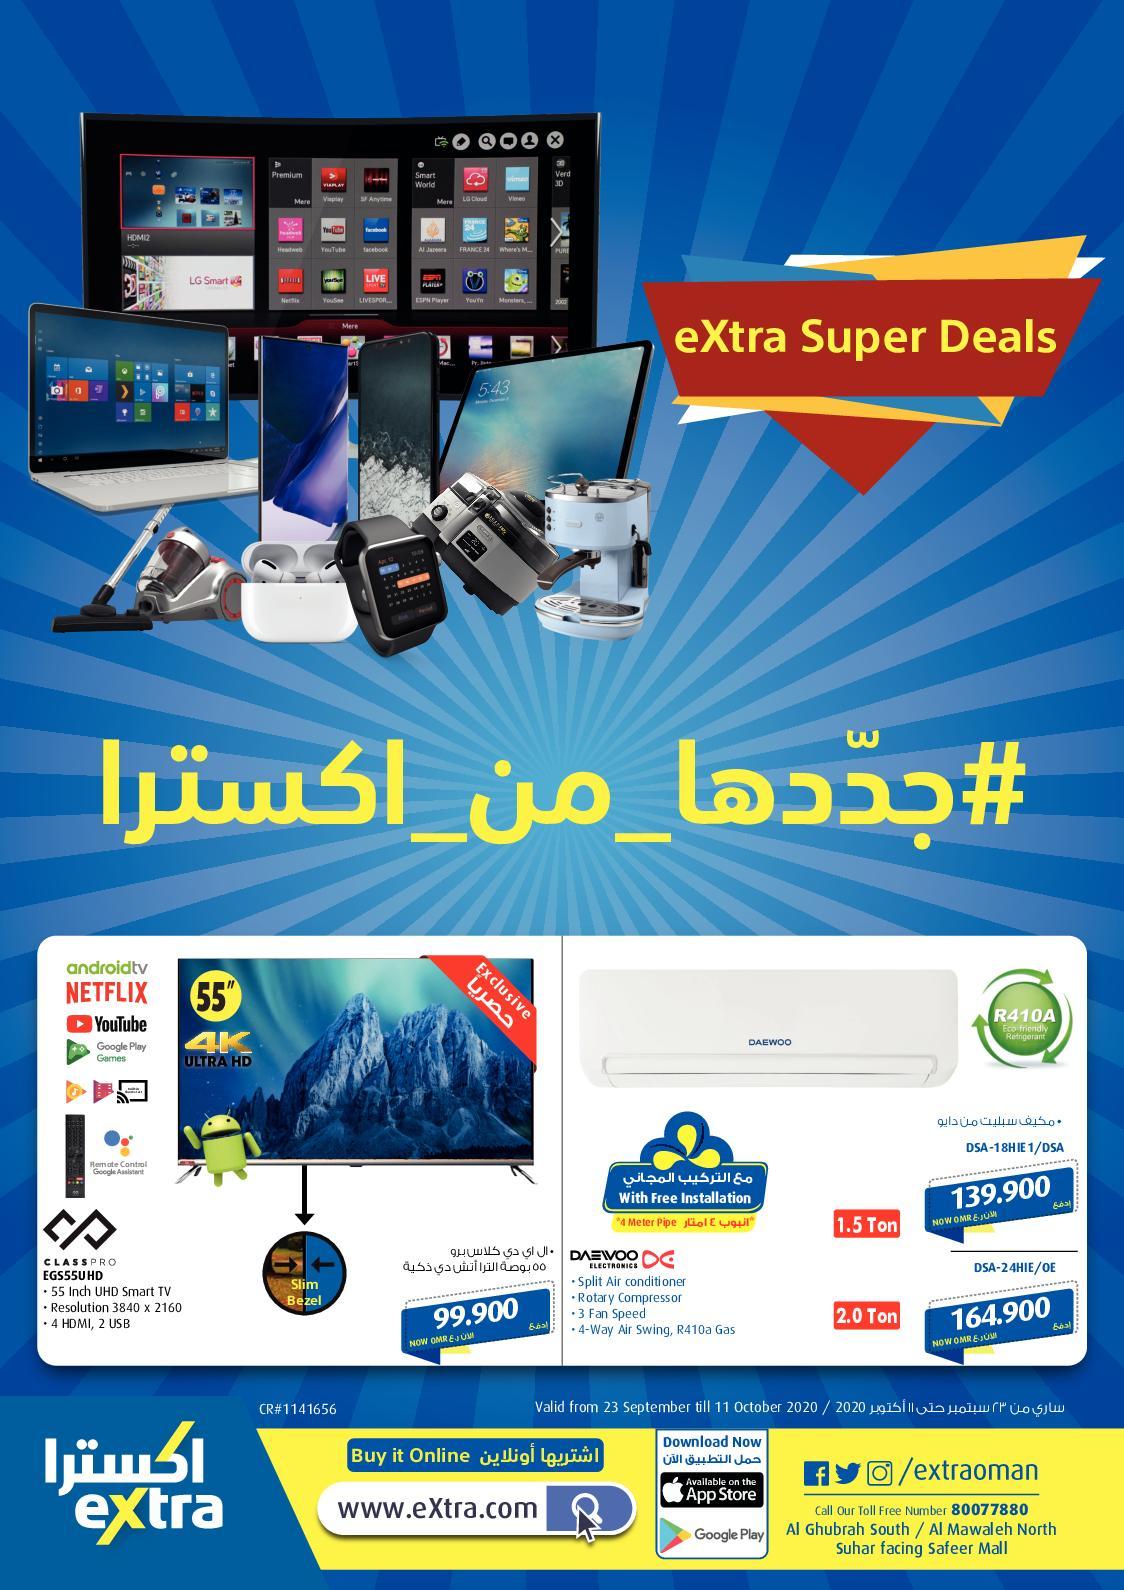 eXtra Super Deals 2020